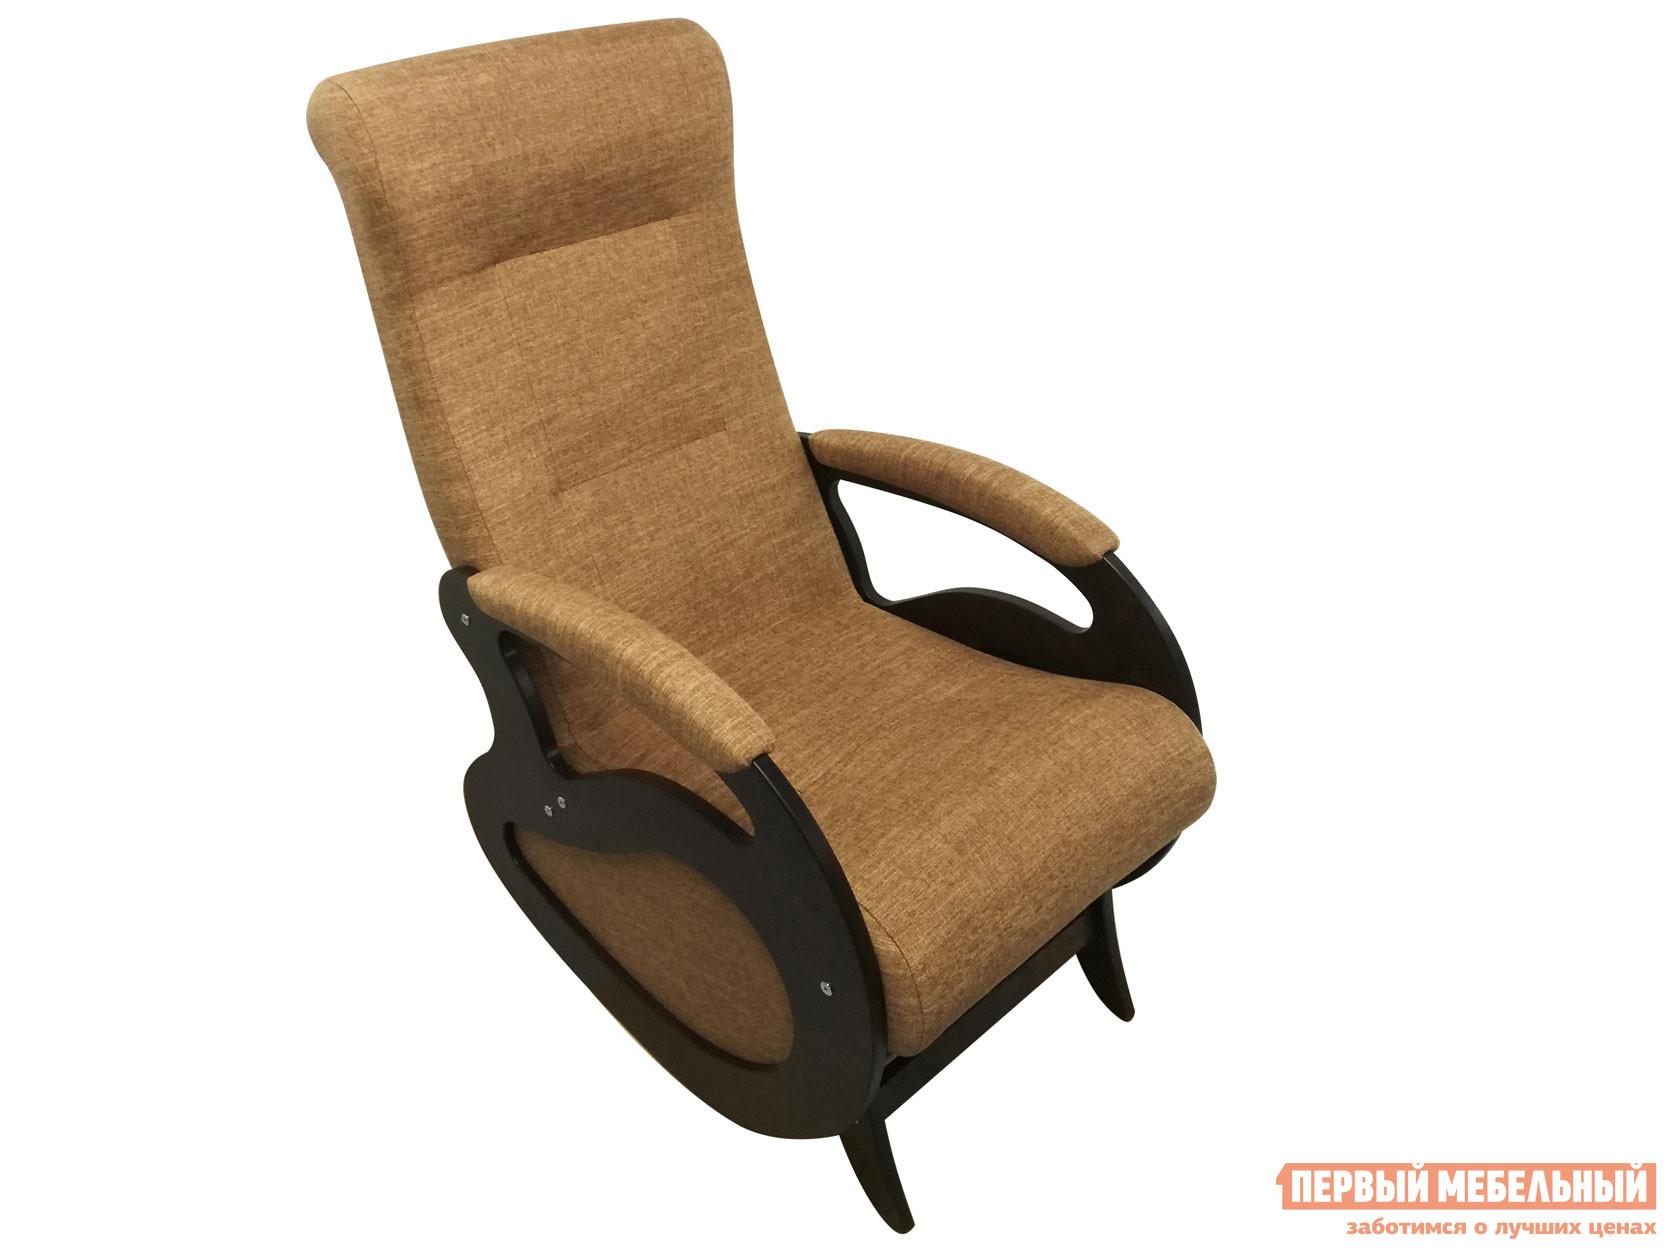 Кресло-качалка  Маятник Светло-коричневый, рогожка / Темный орех Мебвилл 110499